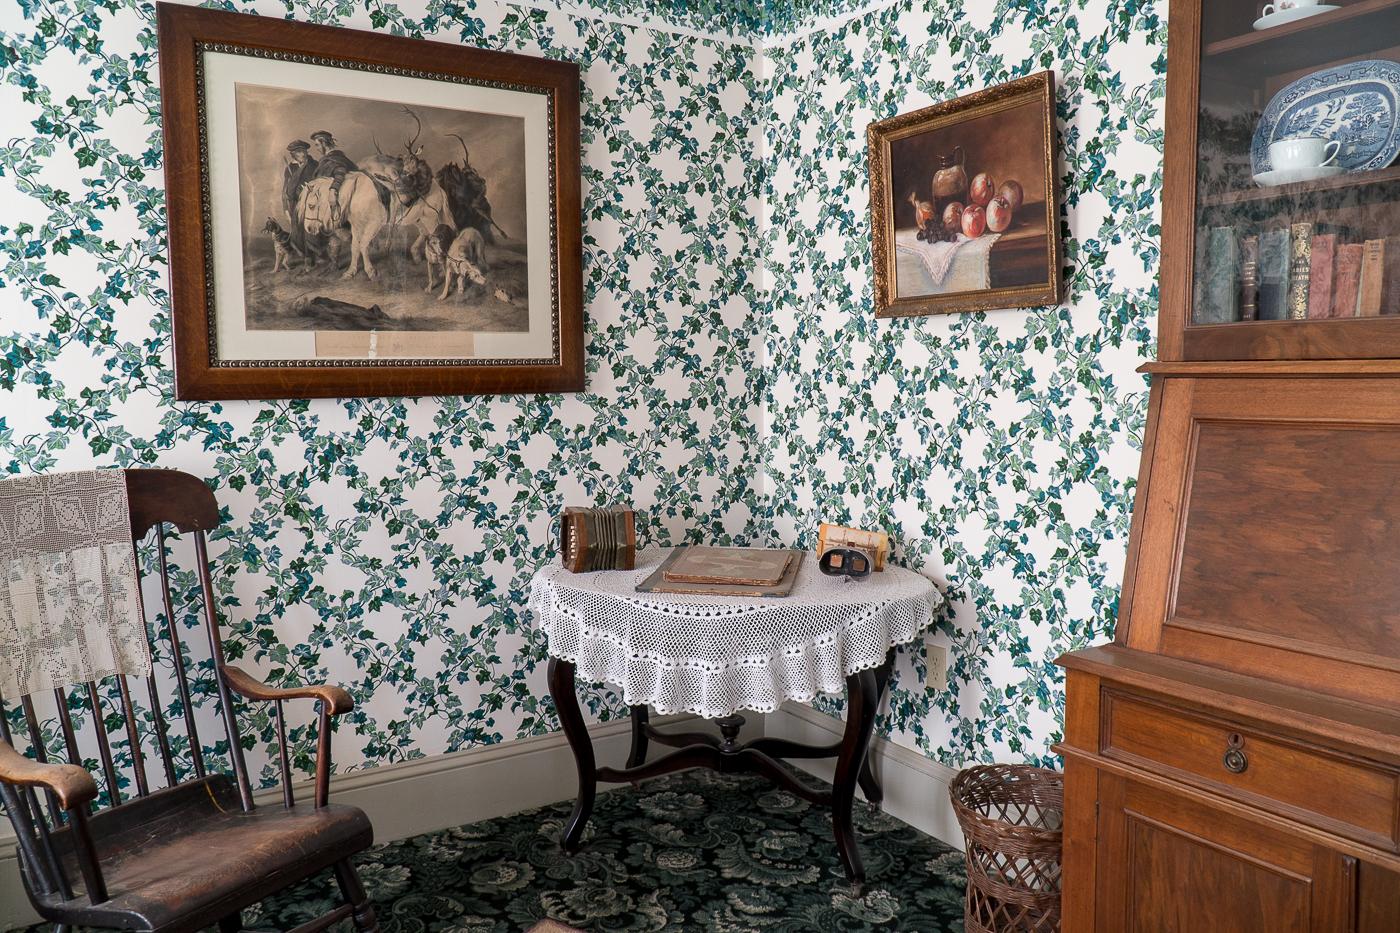 Salon d'Anne aux pignons verts - Green Gables - Quoi faire à l'île